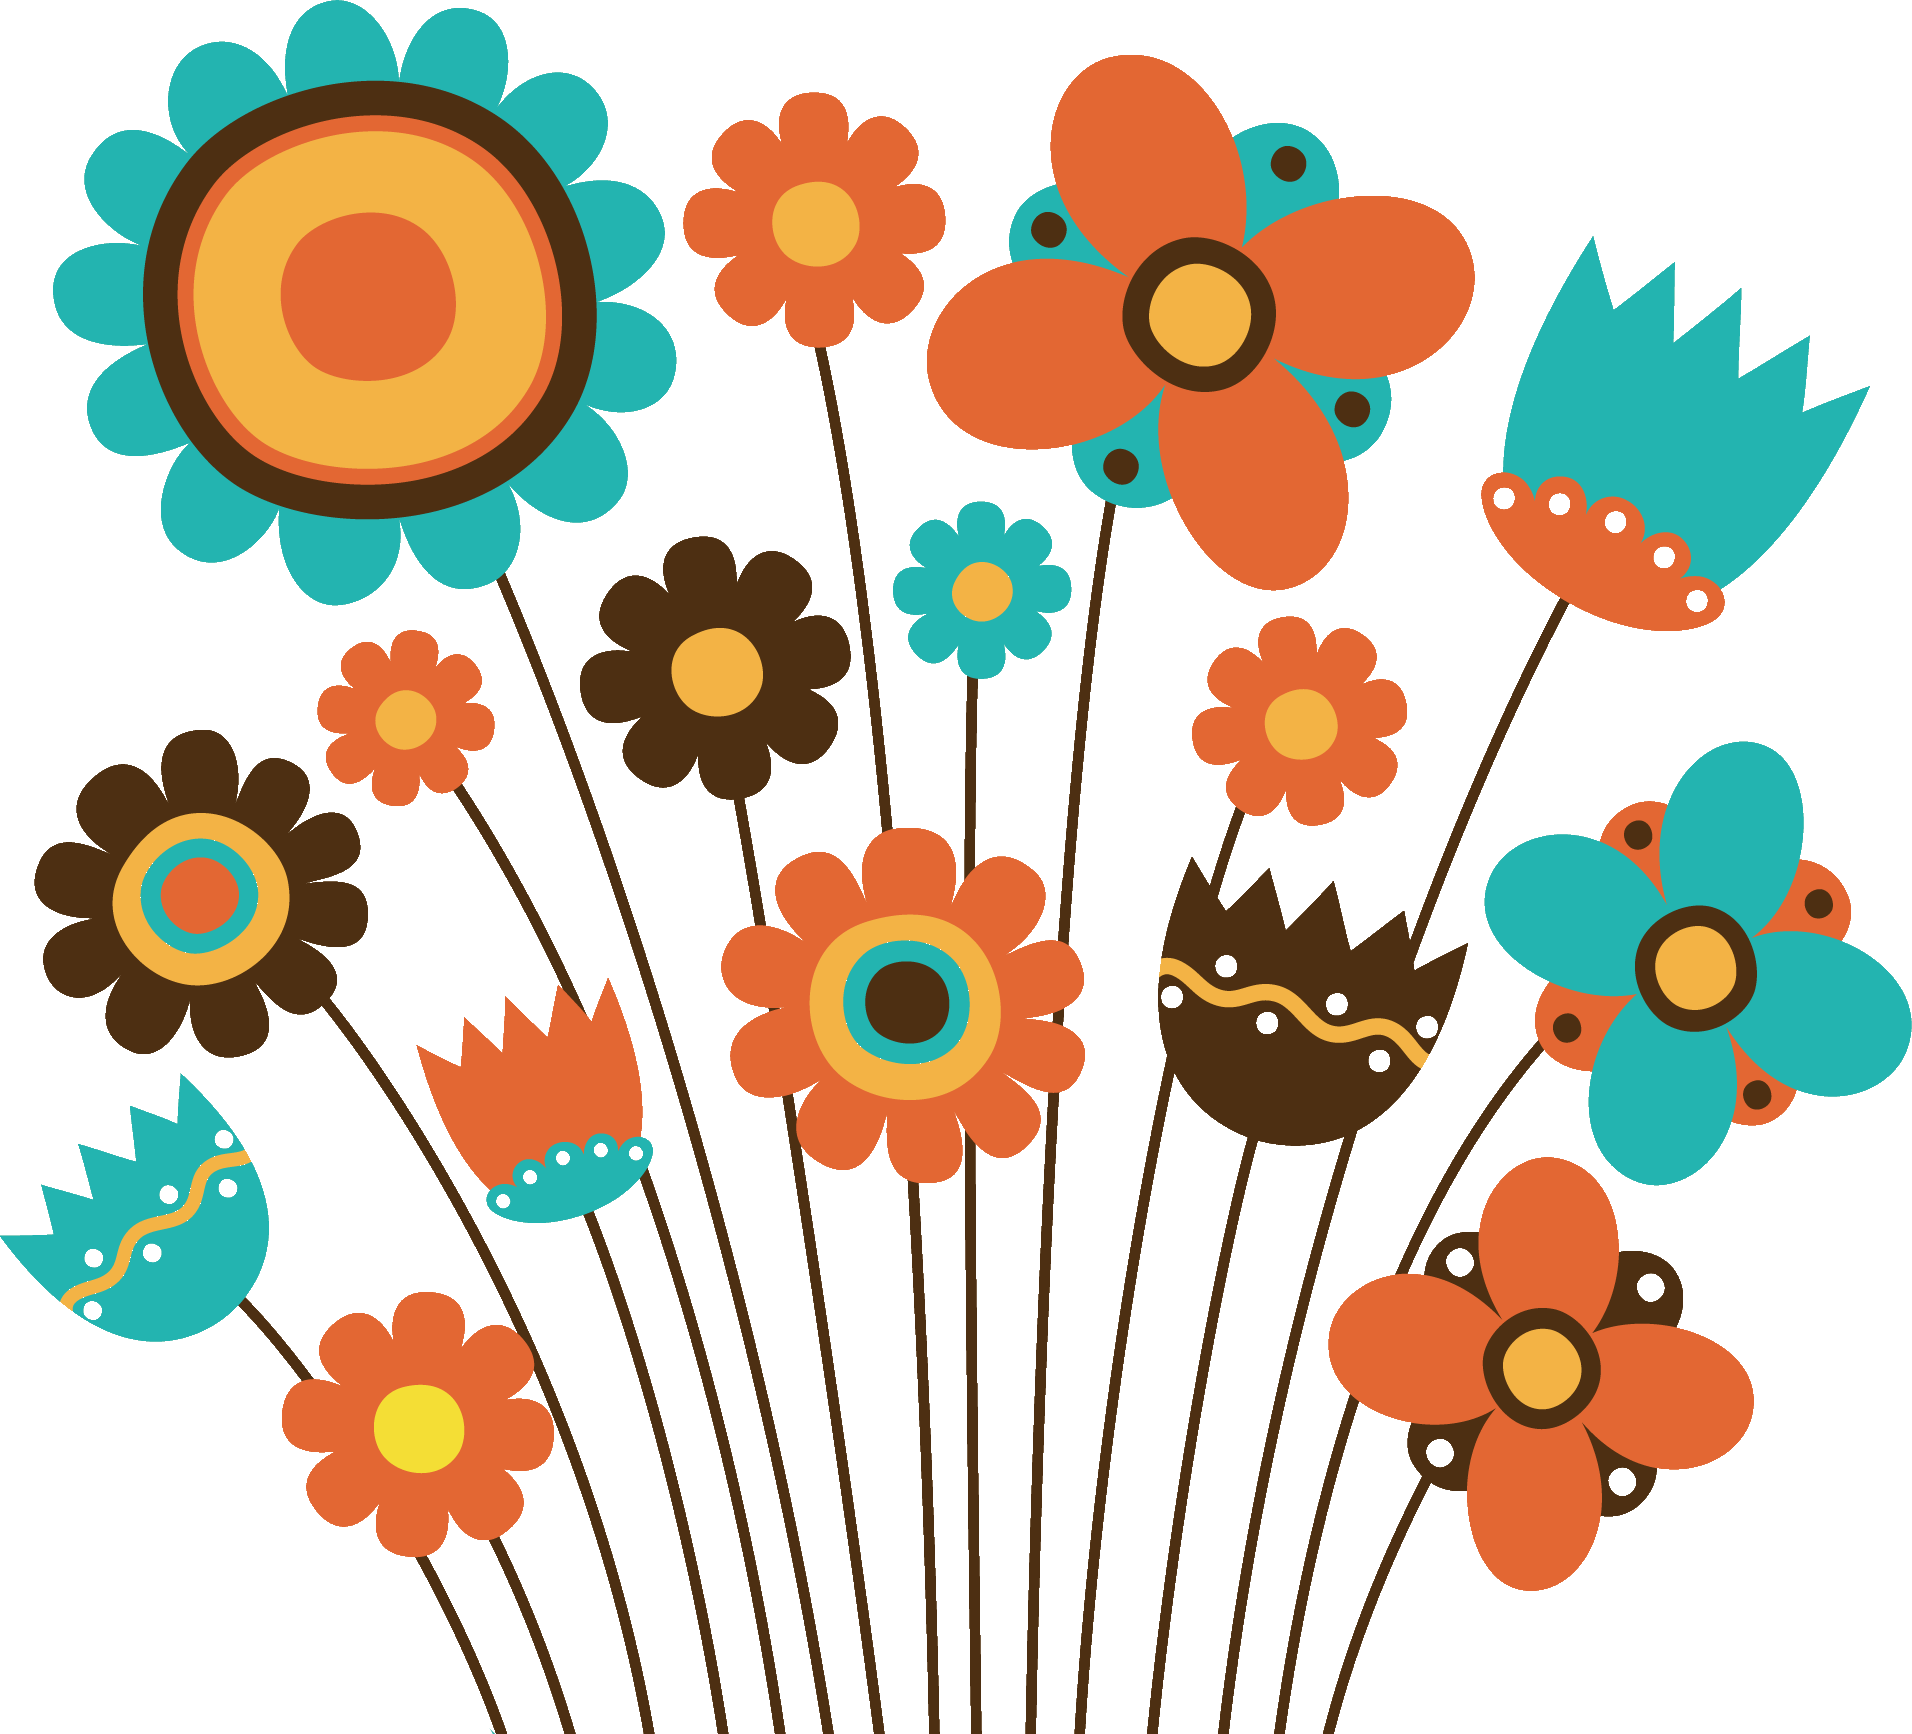 ポップでかわいい花のイラスト・フリー素材/no.167『いろんな花ver2』